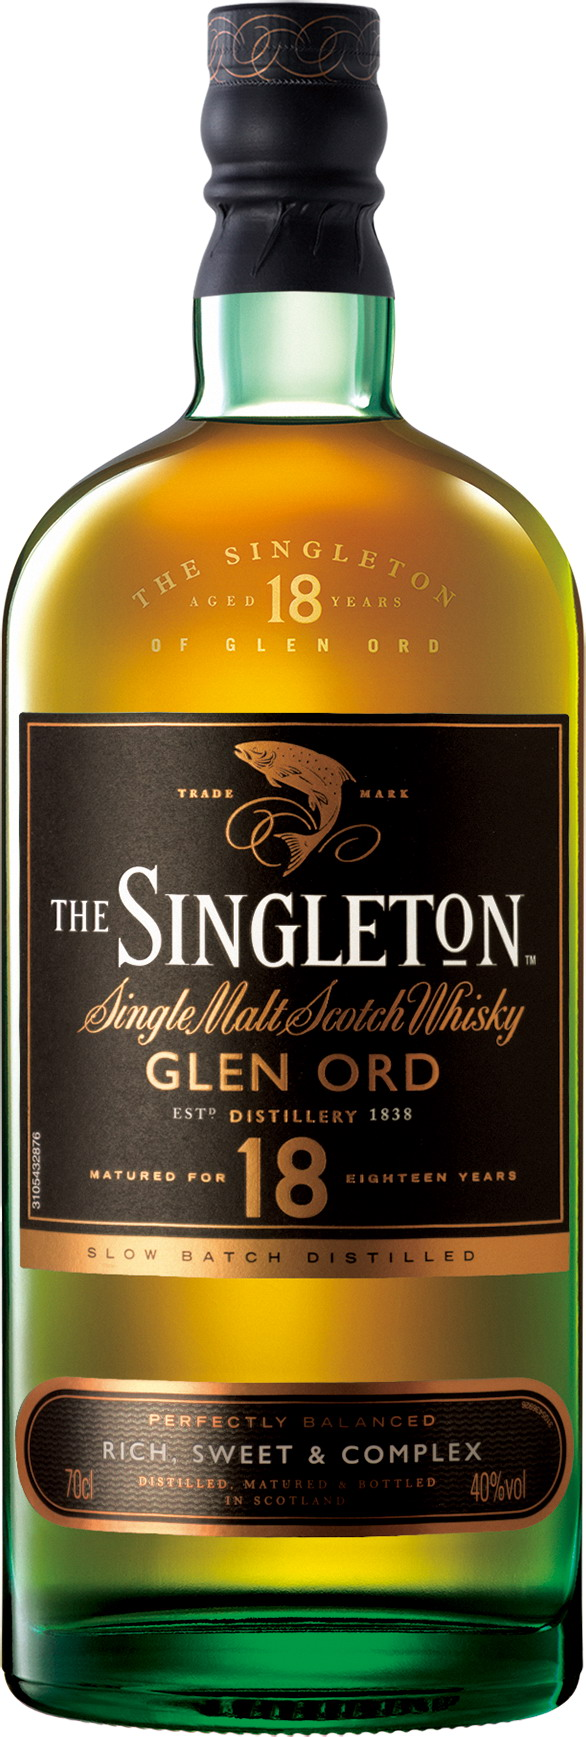 父親的一百種樣貌 5種威士忌讓你拉近與父親的距離